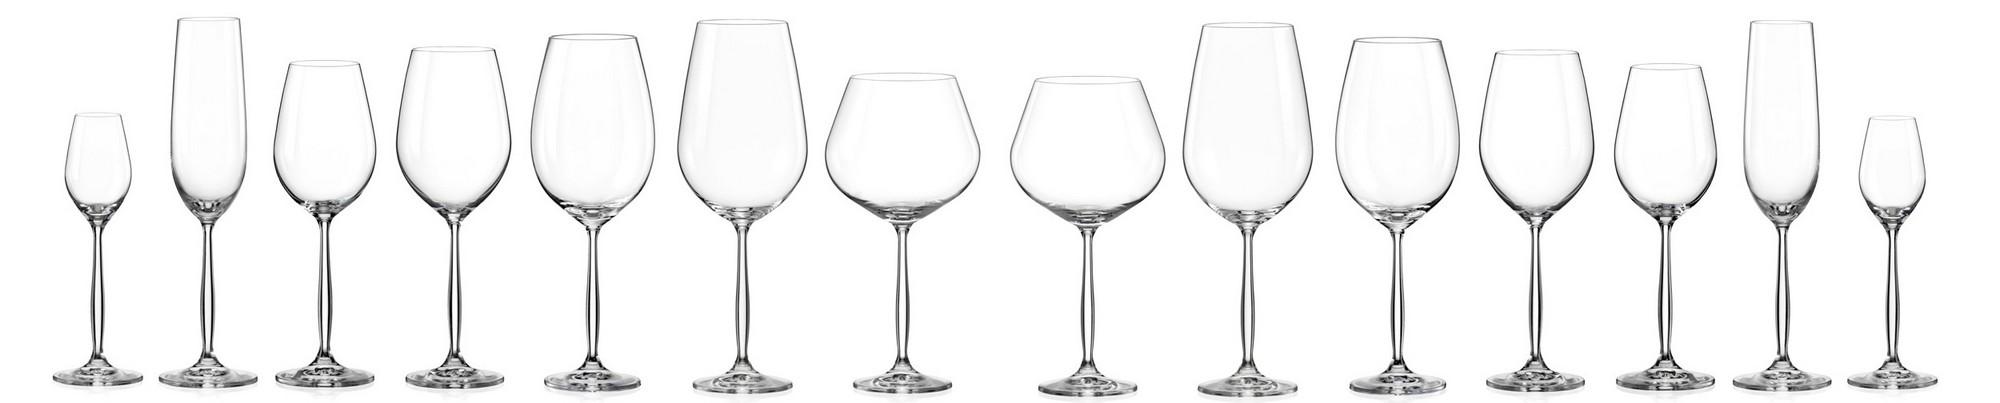 Asztali kristály termékek - Poharak